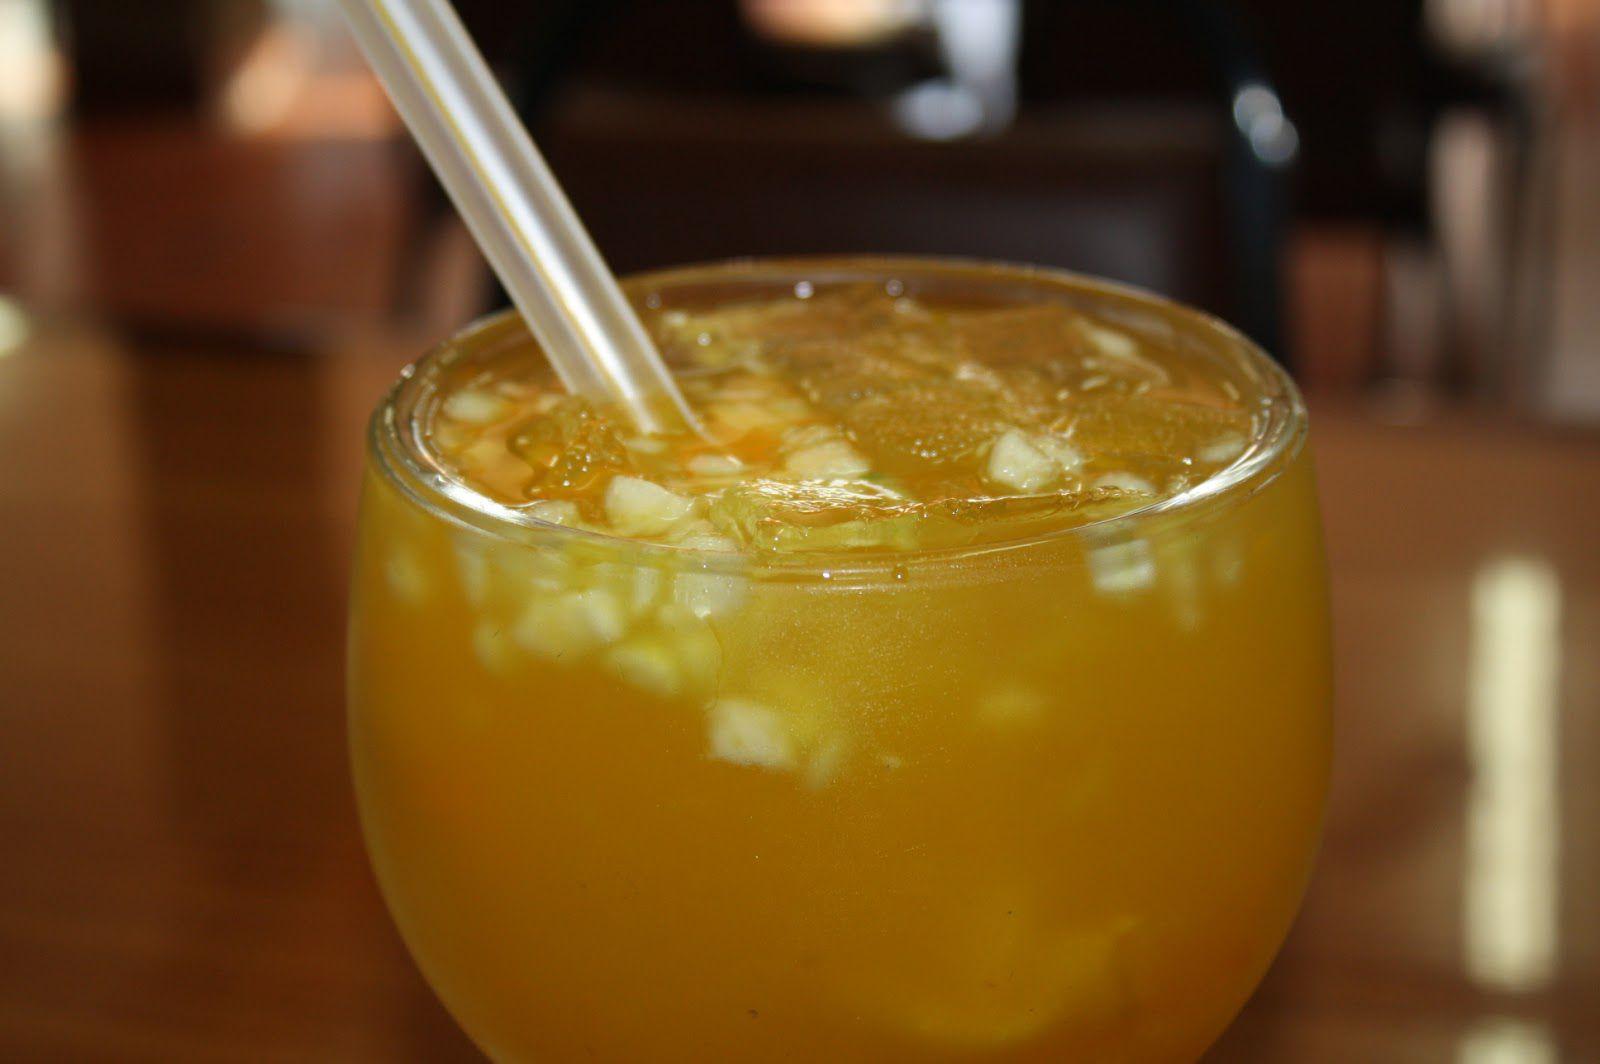 Ensalada el salvador fruit drink